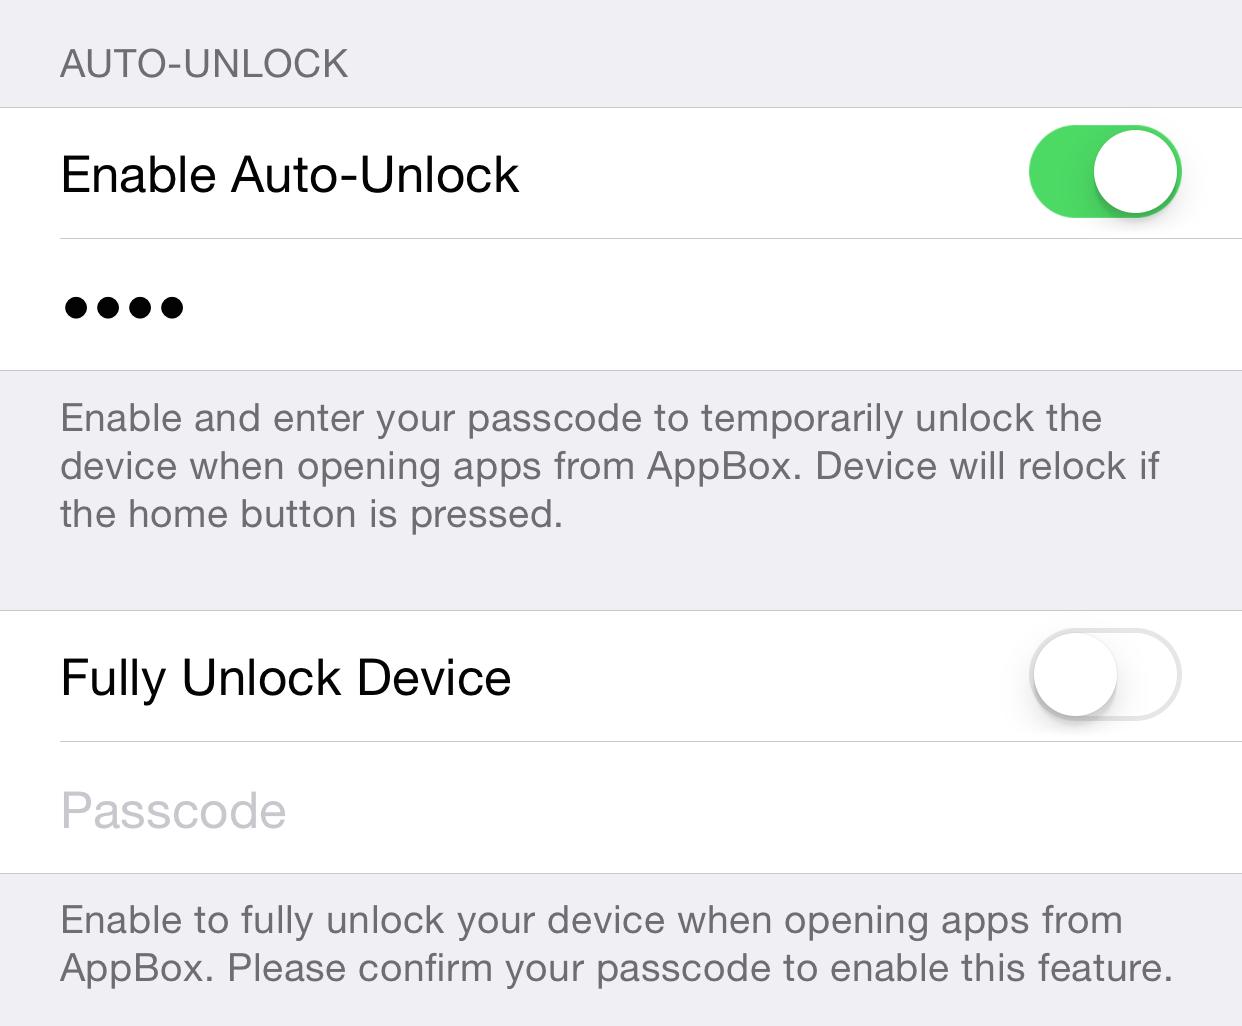 AppBox Auto-Unlock